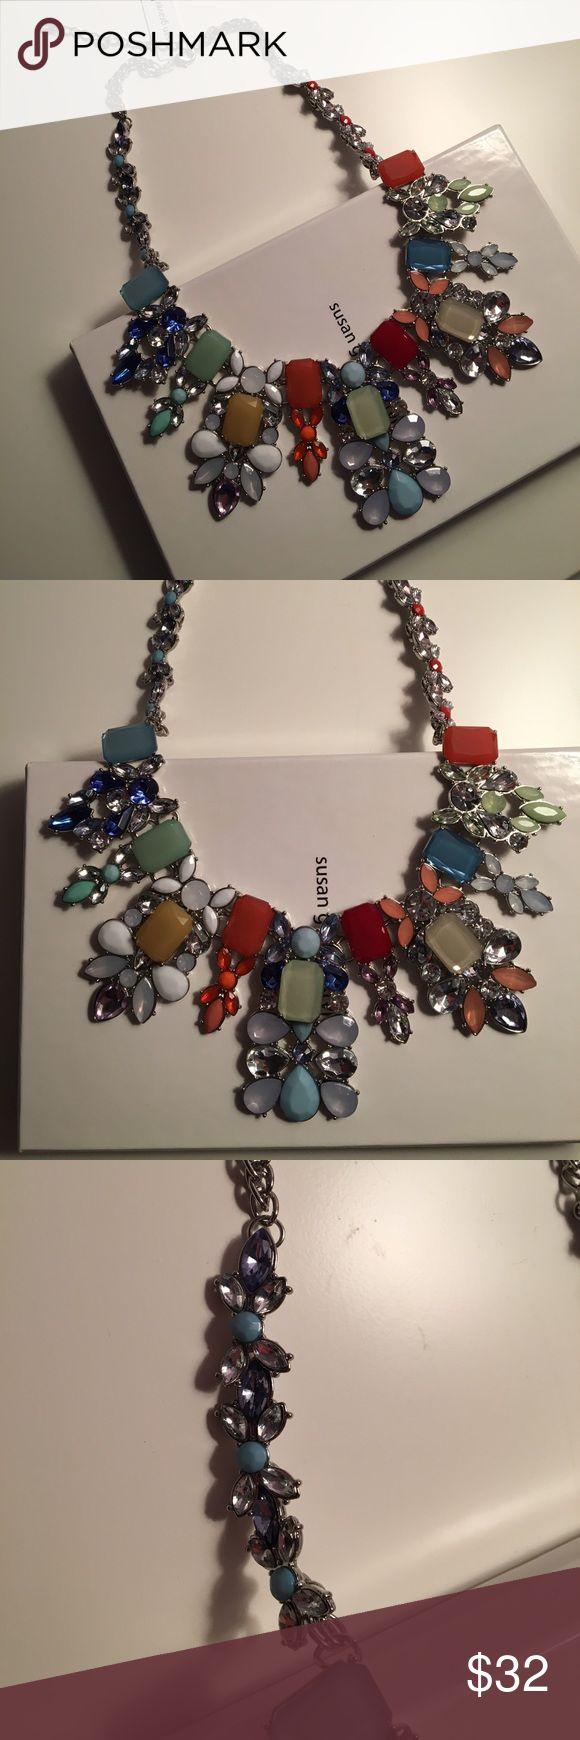 Susan Graver Necklace Never worn! Gorgeous necklace! Susan Graver Jewelry Necklaces